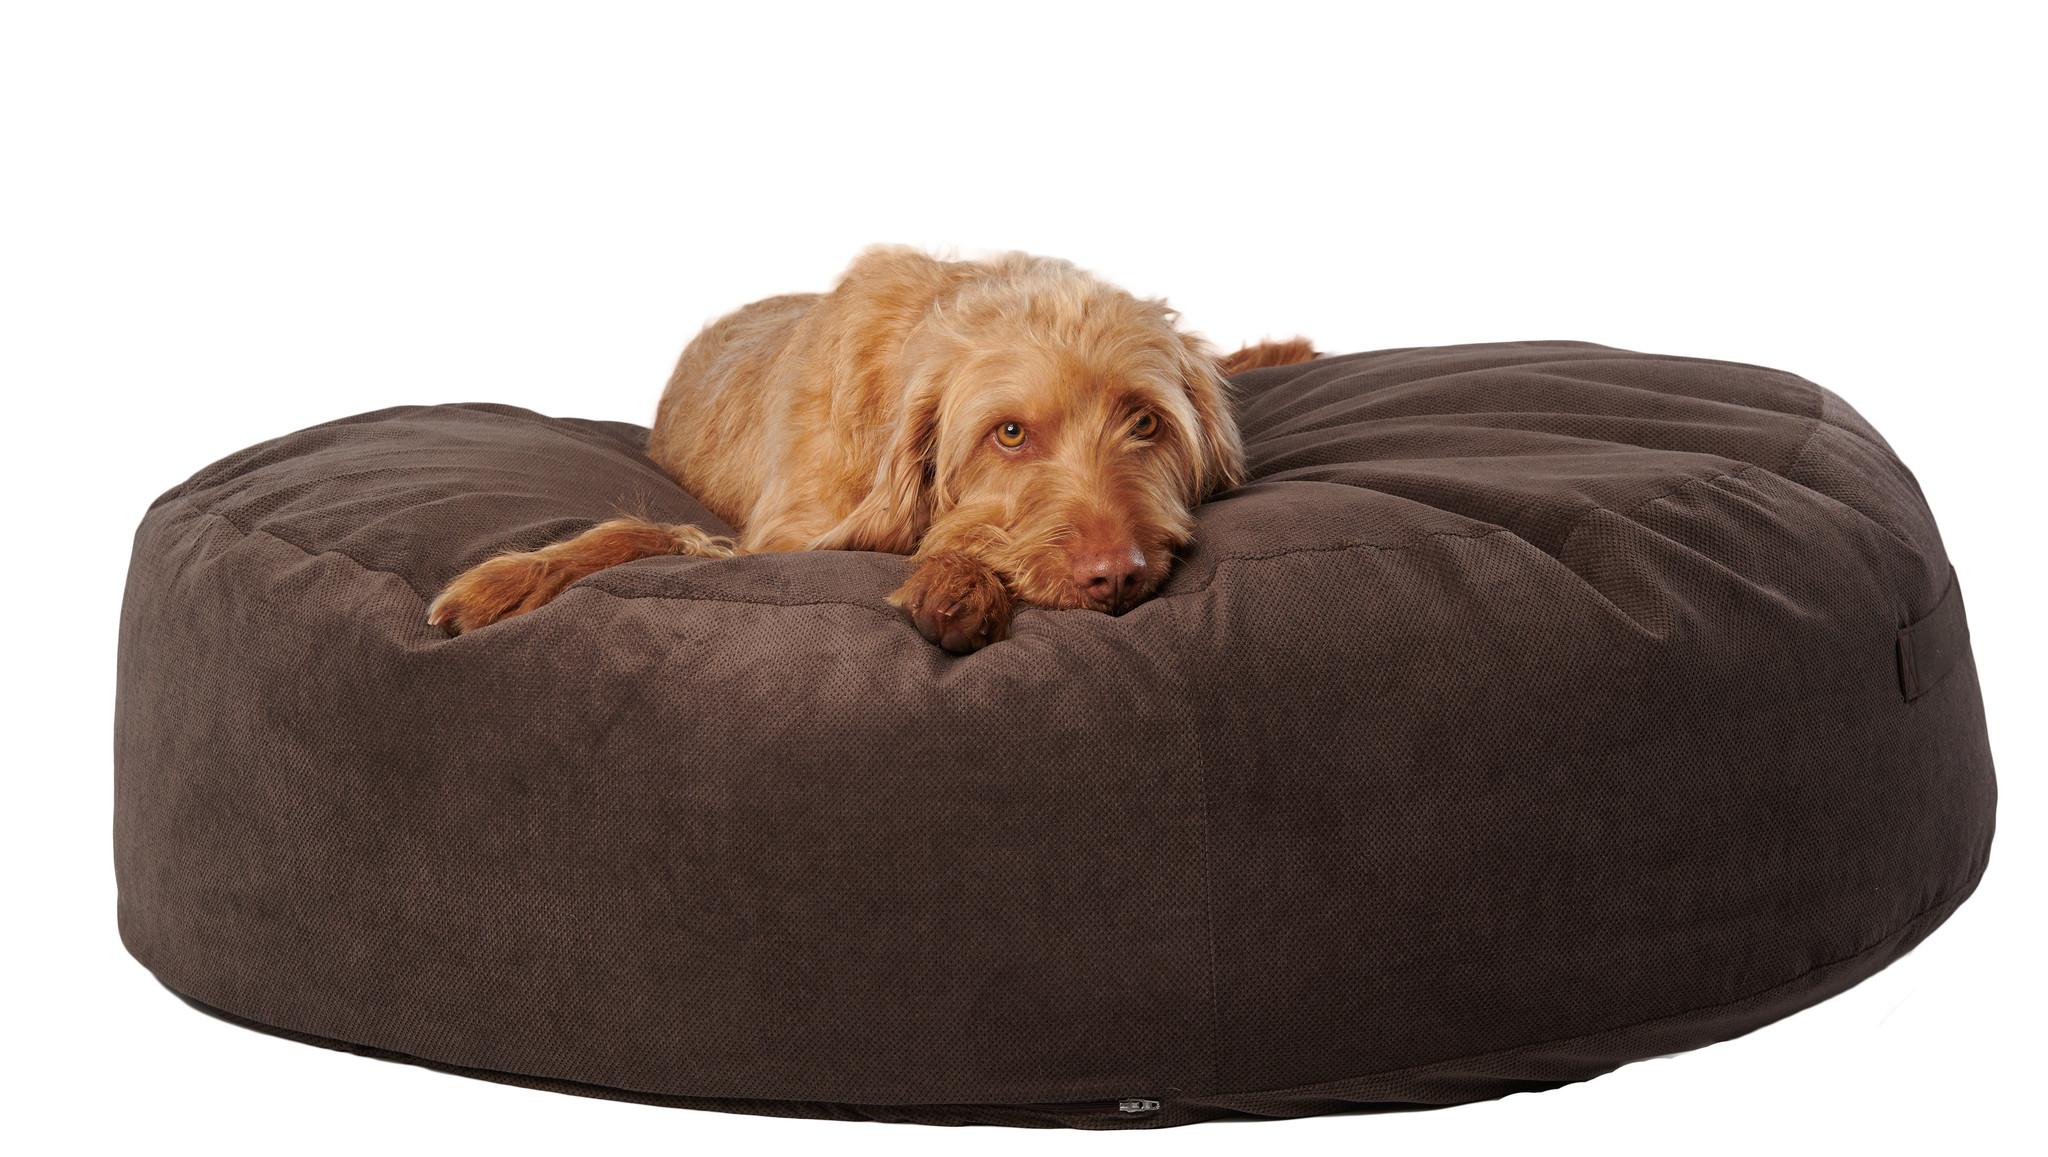 Full Size of Hundebett Holz Flocke 90 Cm Kunstleder Xxl Rund Pouf Luxus Schlafende Hunde Shop Sofa Mit Bettfunktion Betten Kaufen Kleinkind Bett Schlafzimmer Barock Weiß Bett Hunde Bett